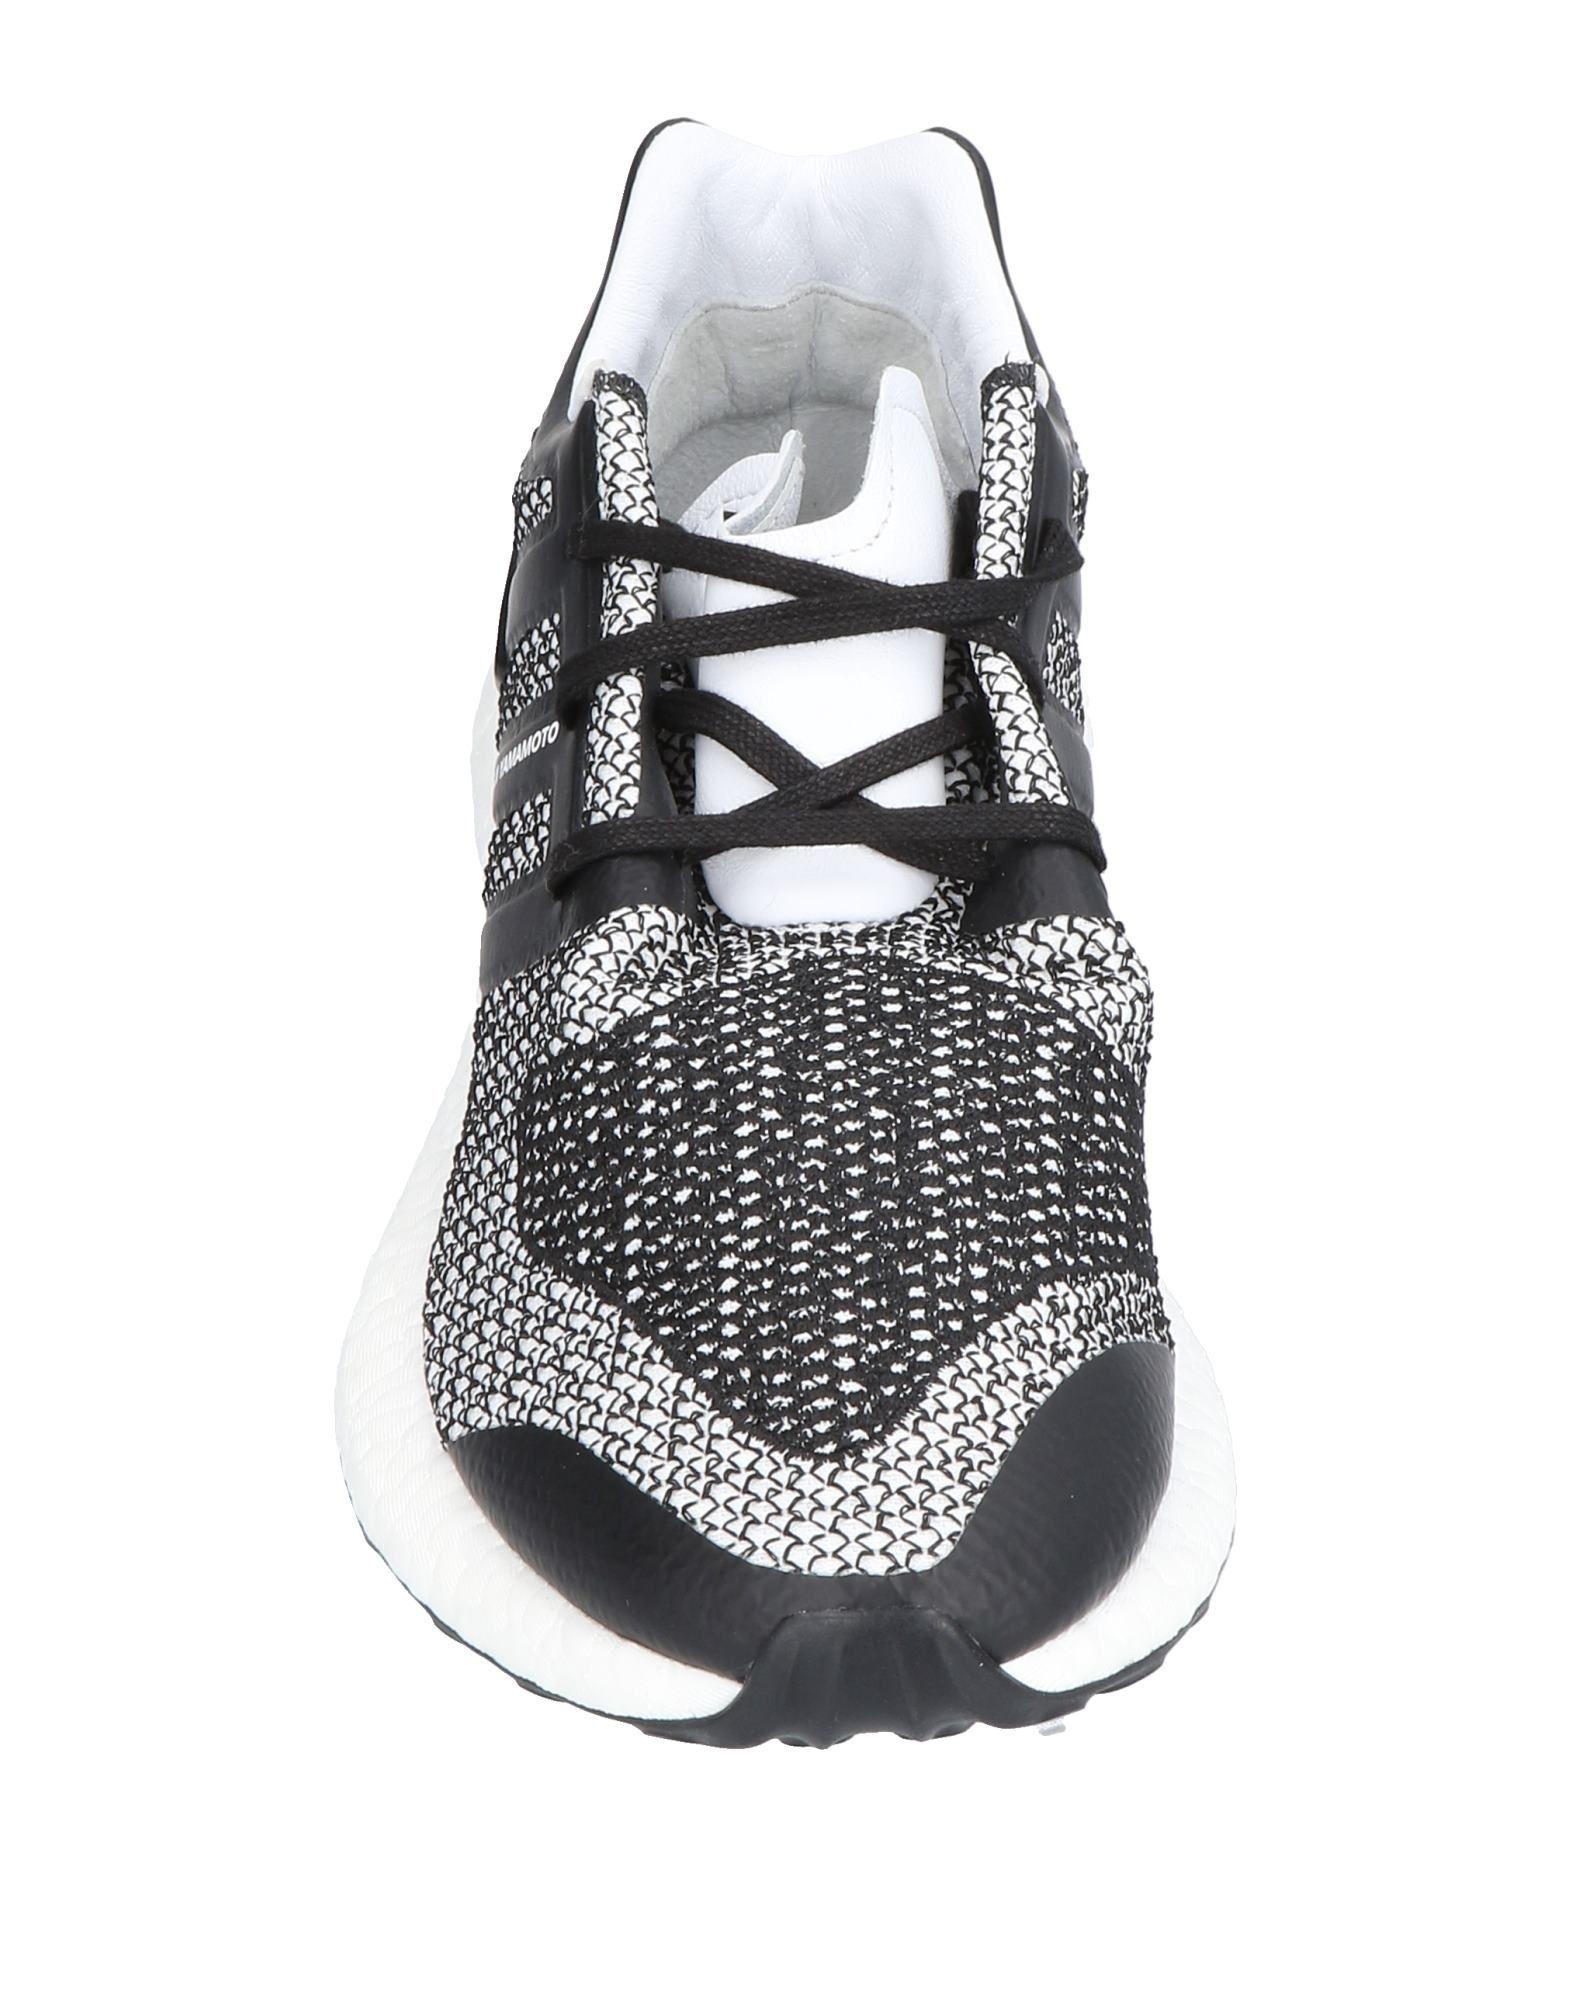 Scarpe Uomo economiche e resistenti Sneakers Y-3 Uomo Scarpe - 11480187FU 51920f